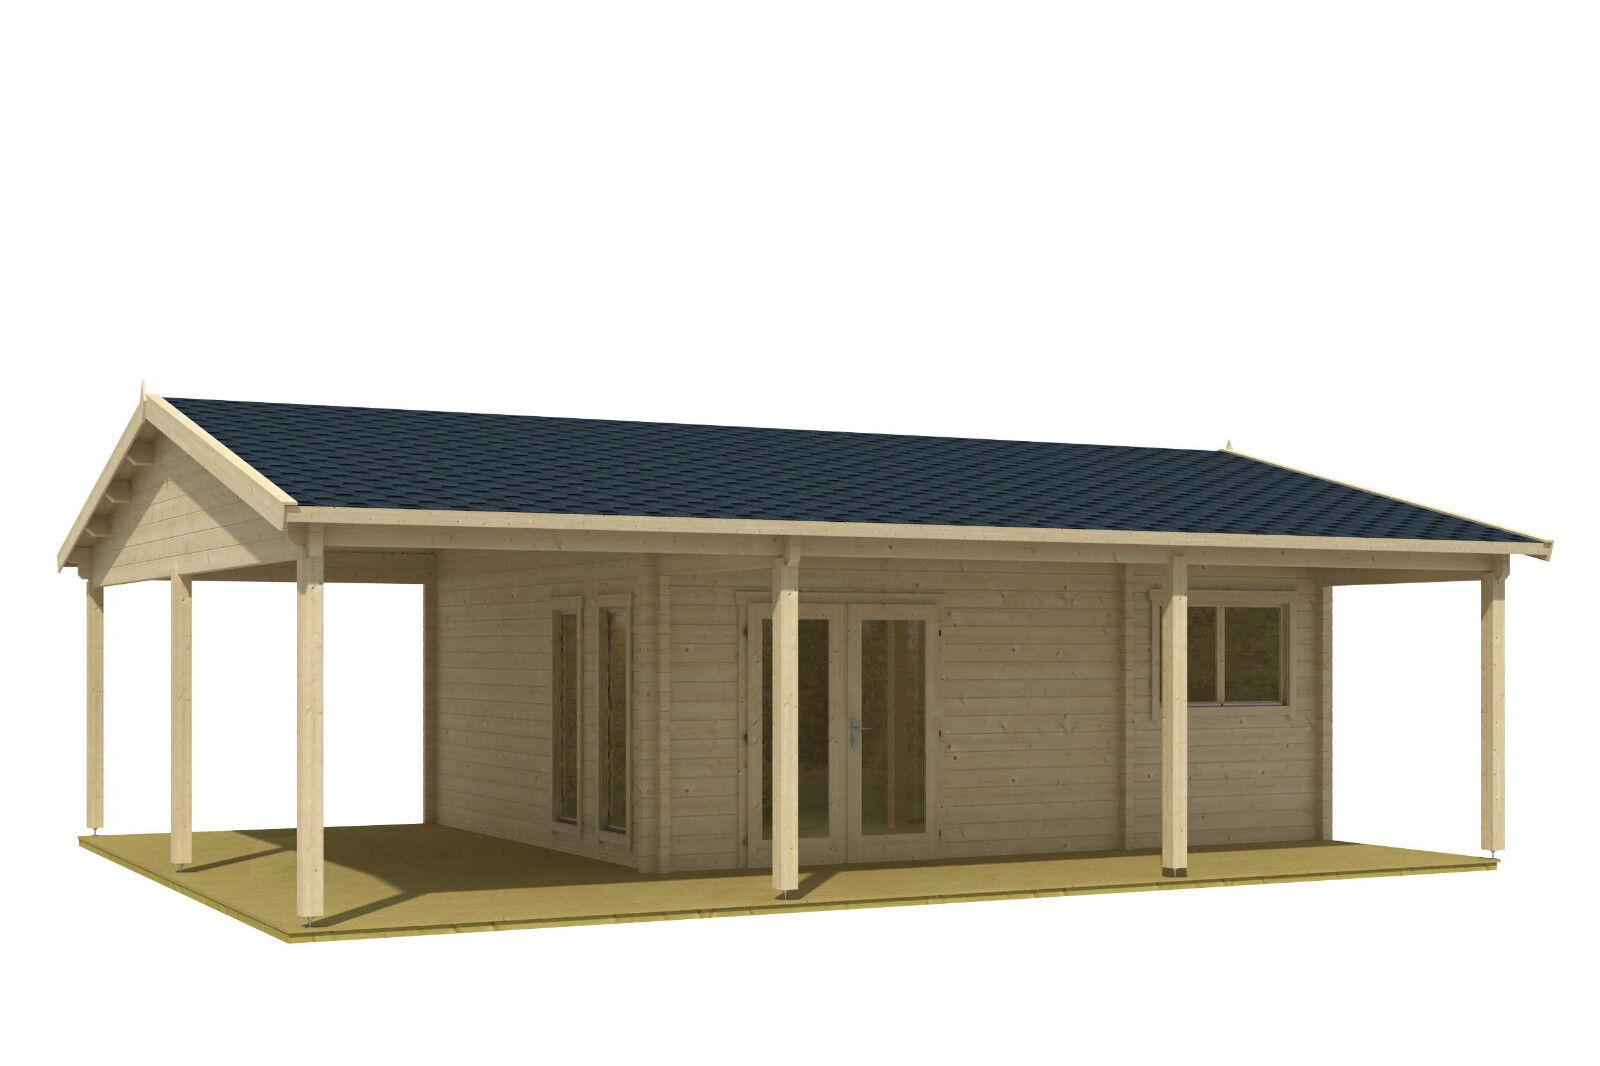 70 mm ferienhaus ceylon 760x560cm terrasse gartenhaus. Black Bedroom Furniture Sets. Home Design Ideas